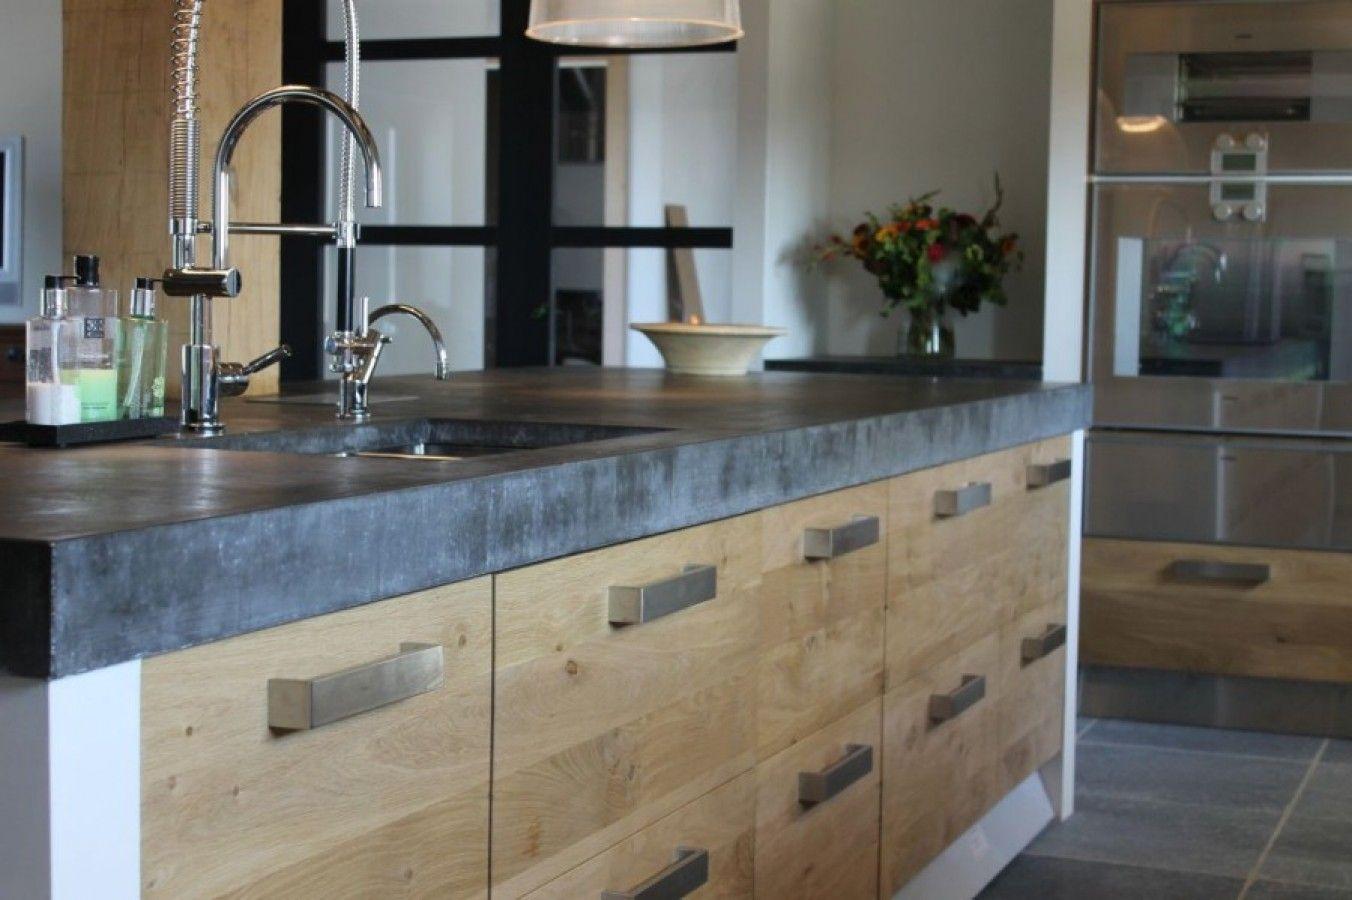 Küchenschränke basis referenties keuken  küche  pinterest  cocinas hogar und diseño